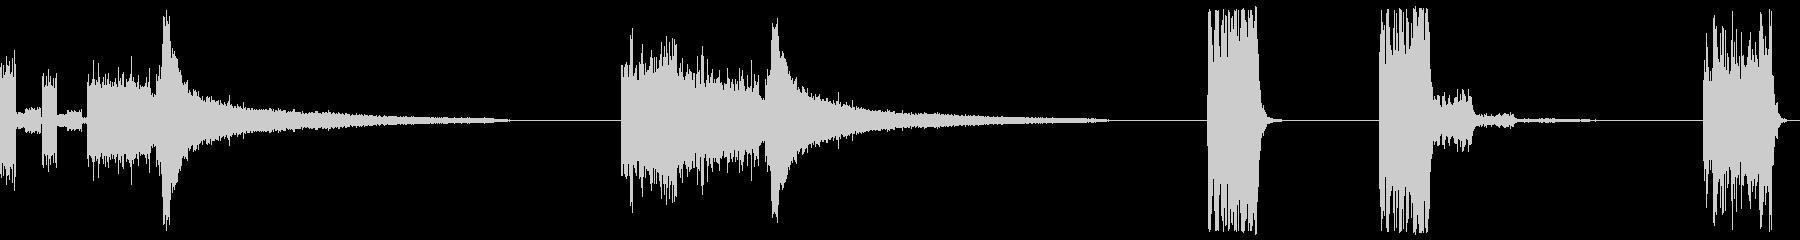 スケールUNO、3バージョン、MU...の未再生の波形